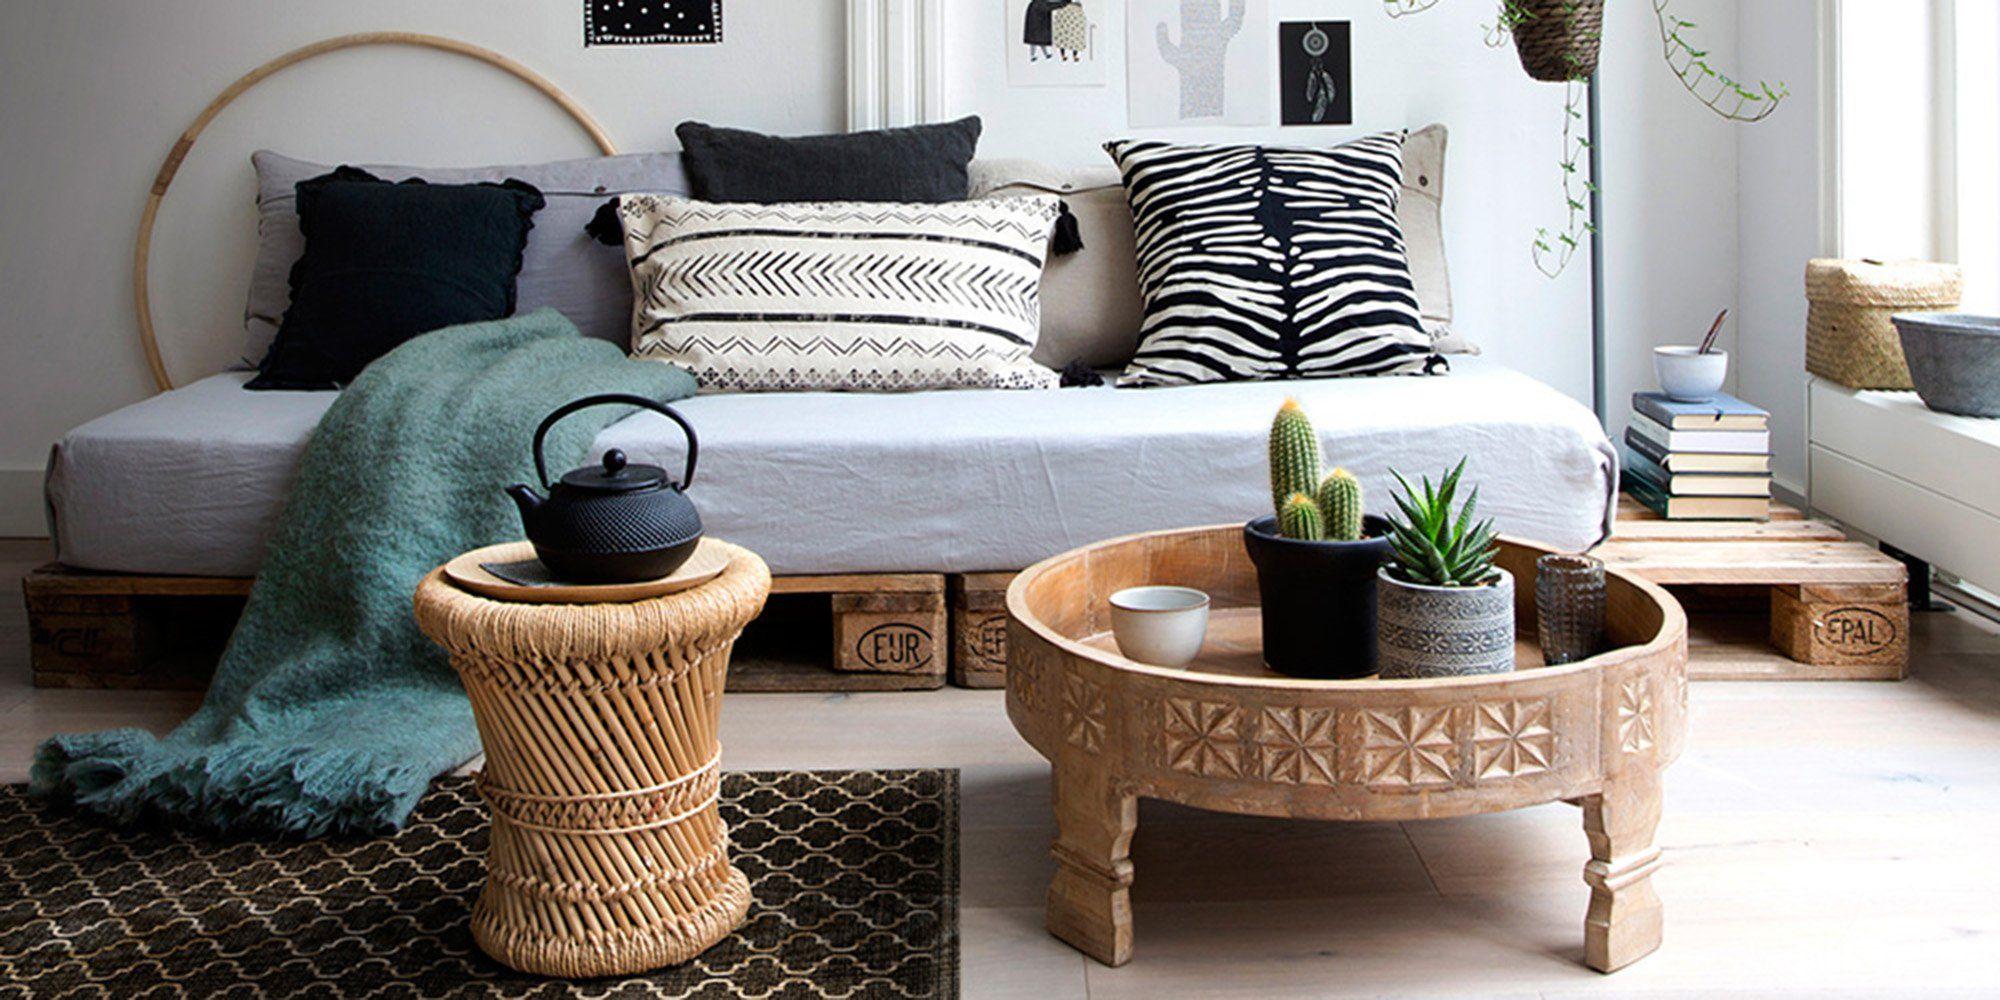 acheter populaire 66dd7 3896c salon ethnique avec table ronde basse en bois et table en ...